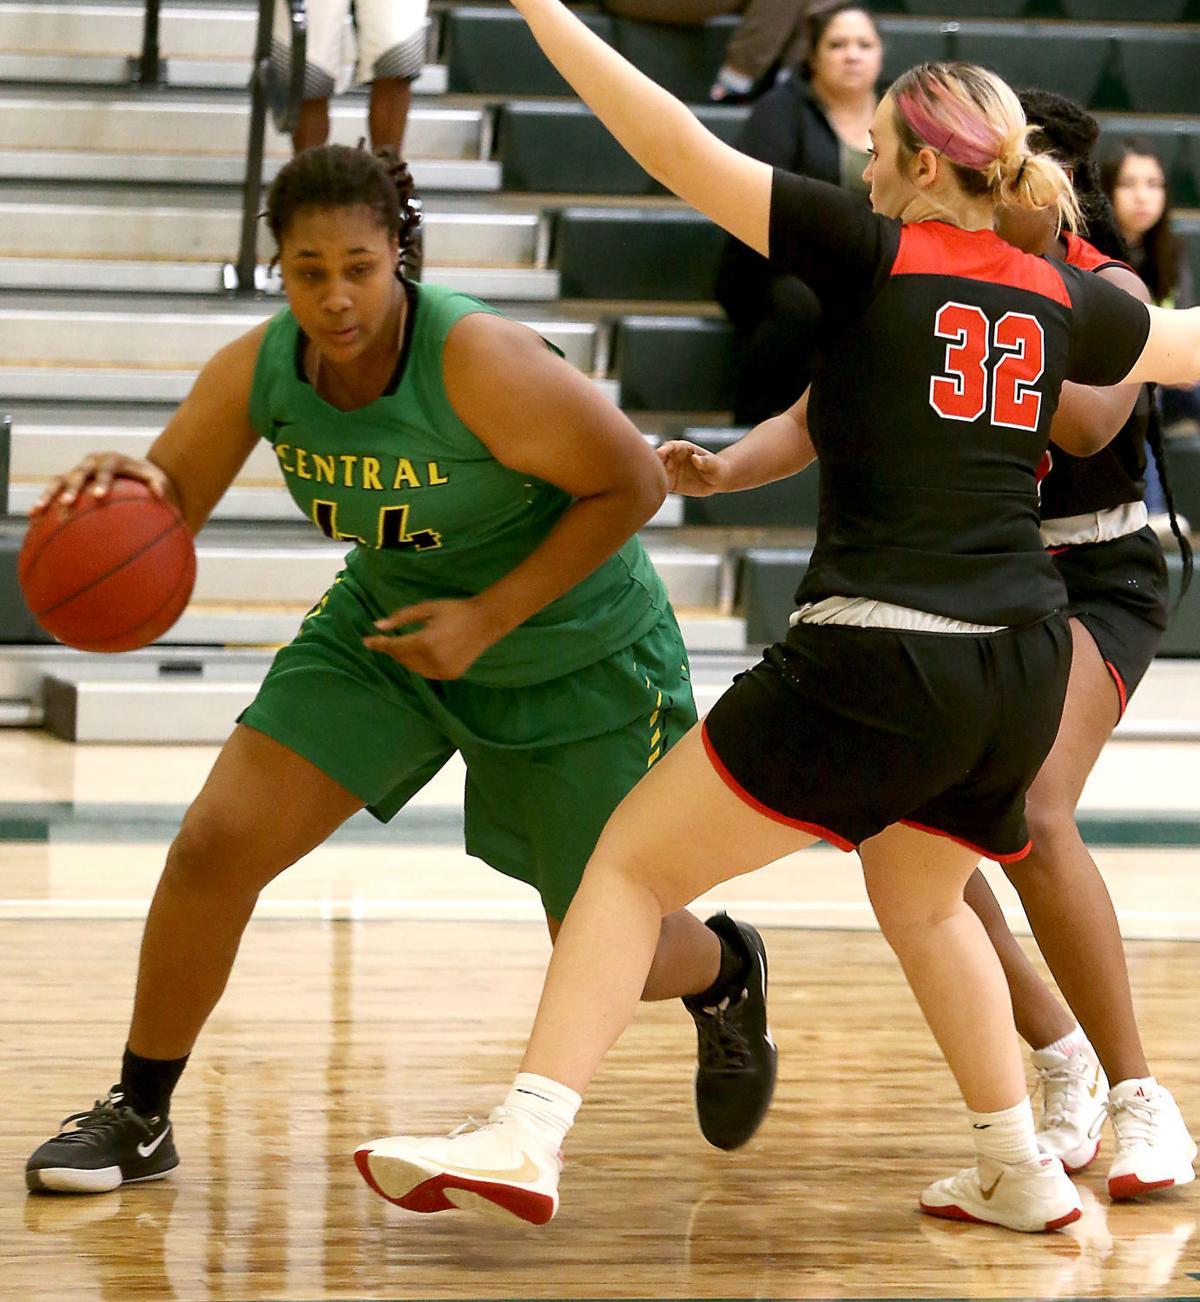 CAC vs. Glendale women's basketball